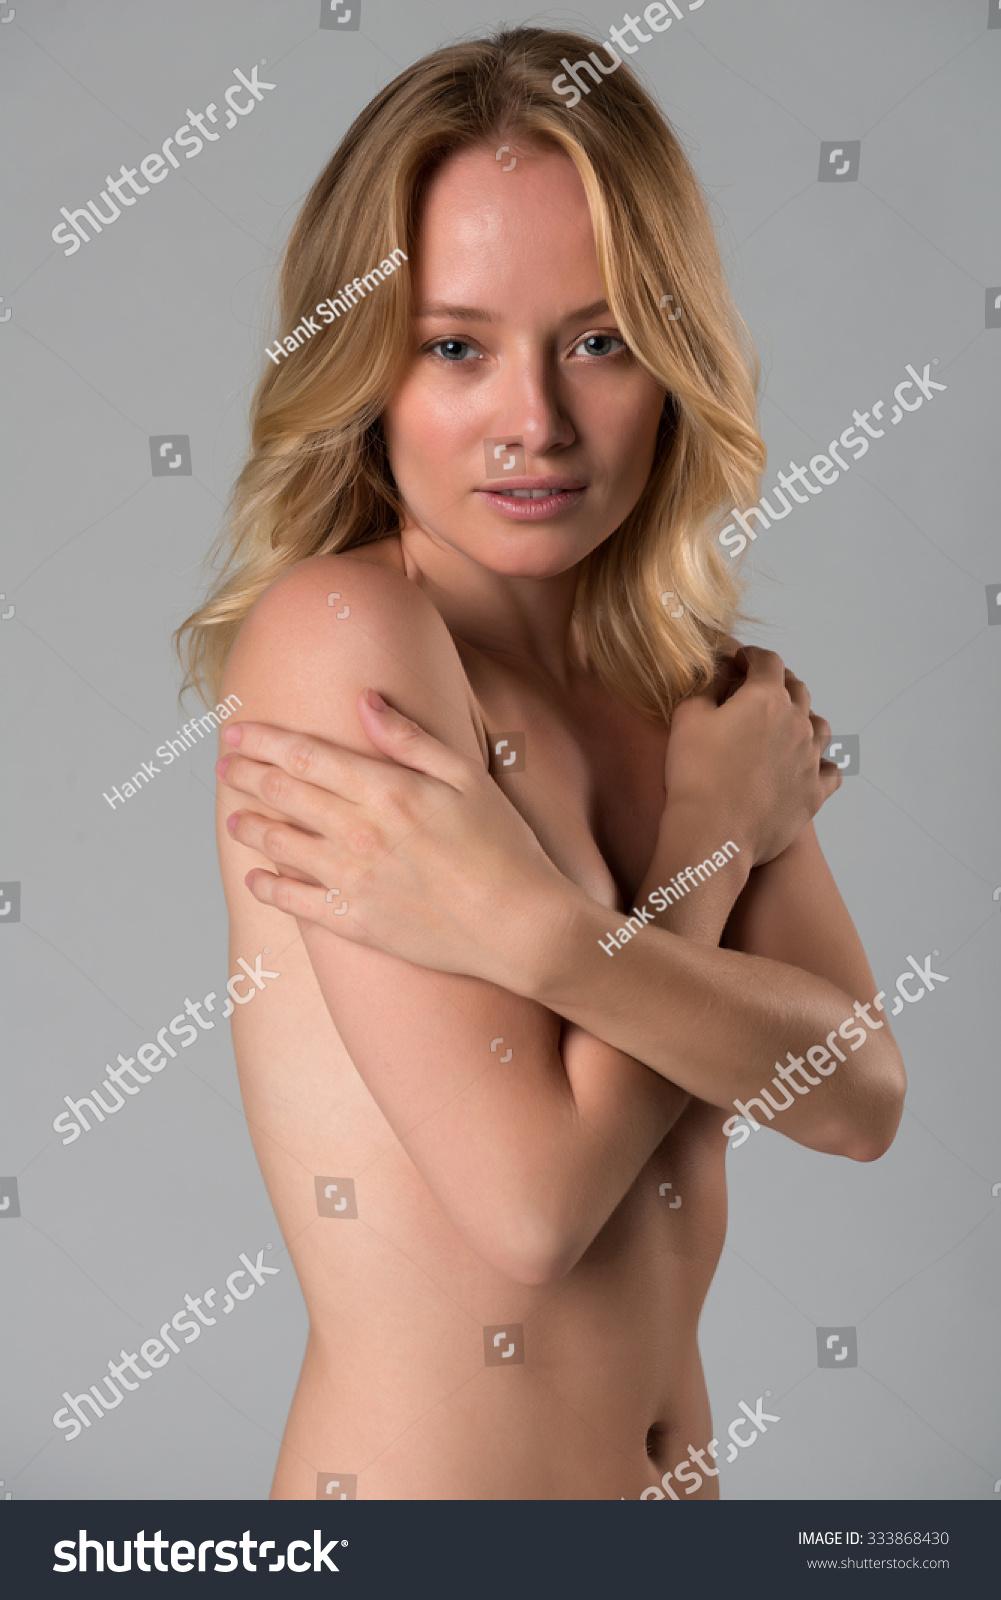 FERN: Hungarian girl nude pics